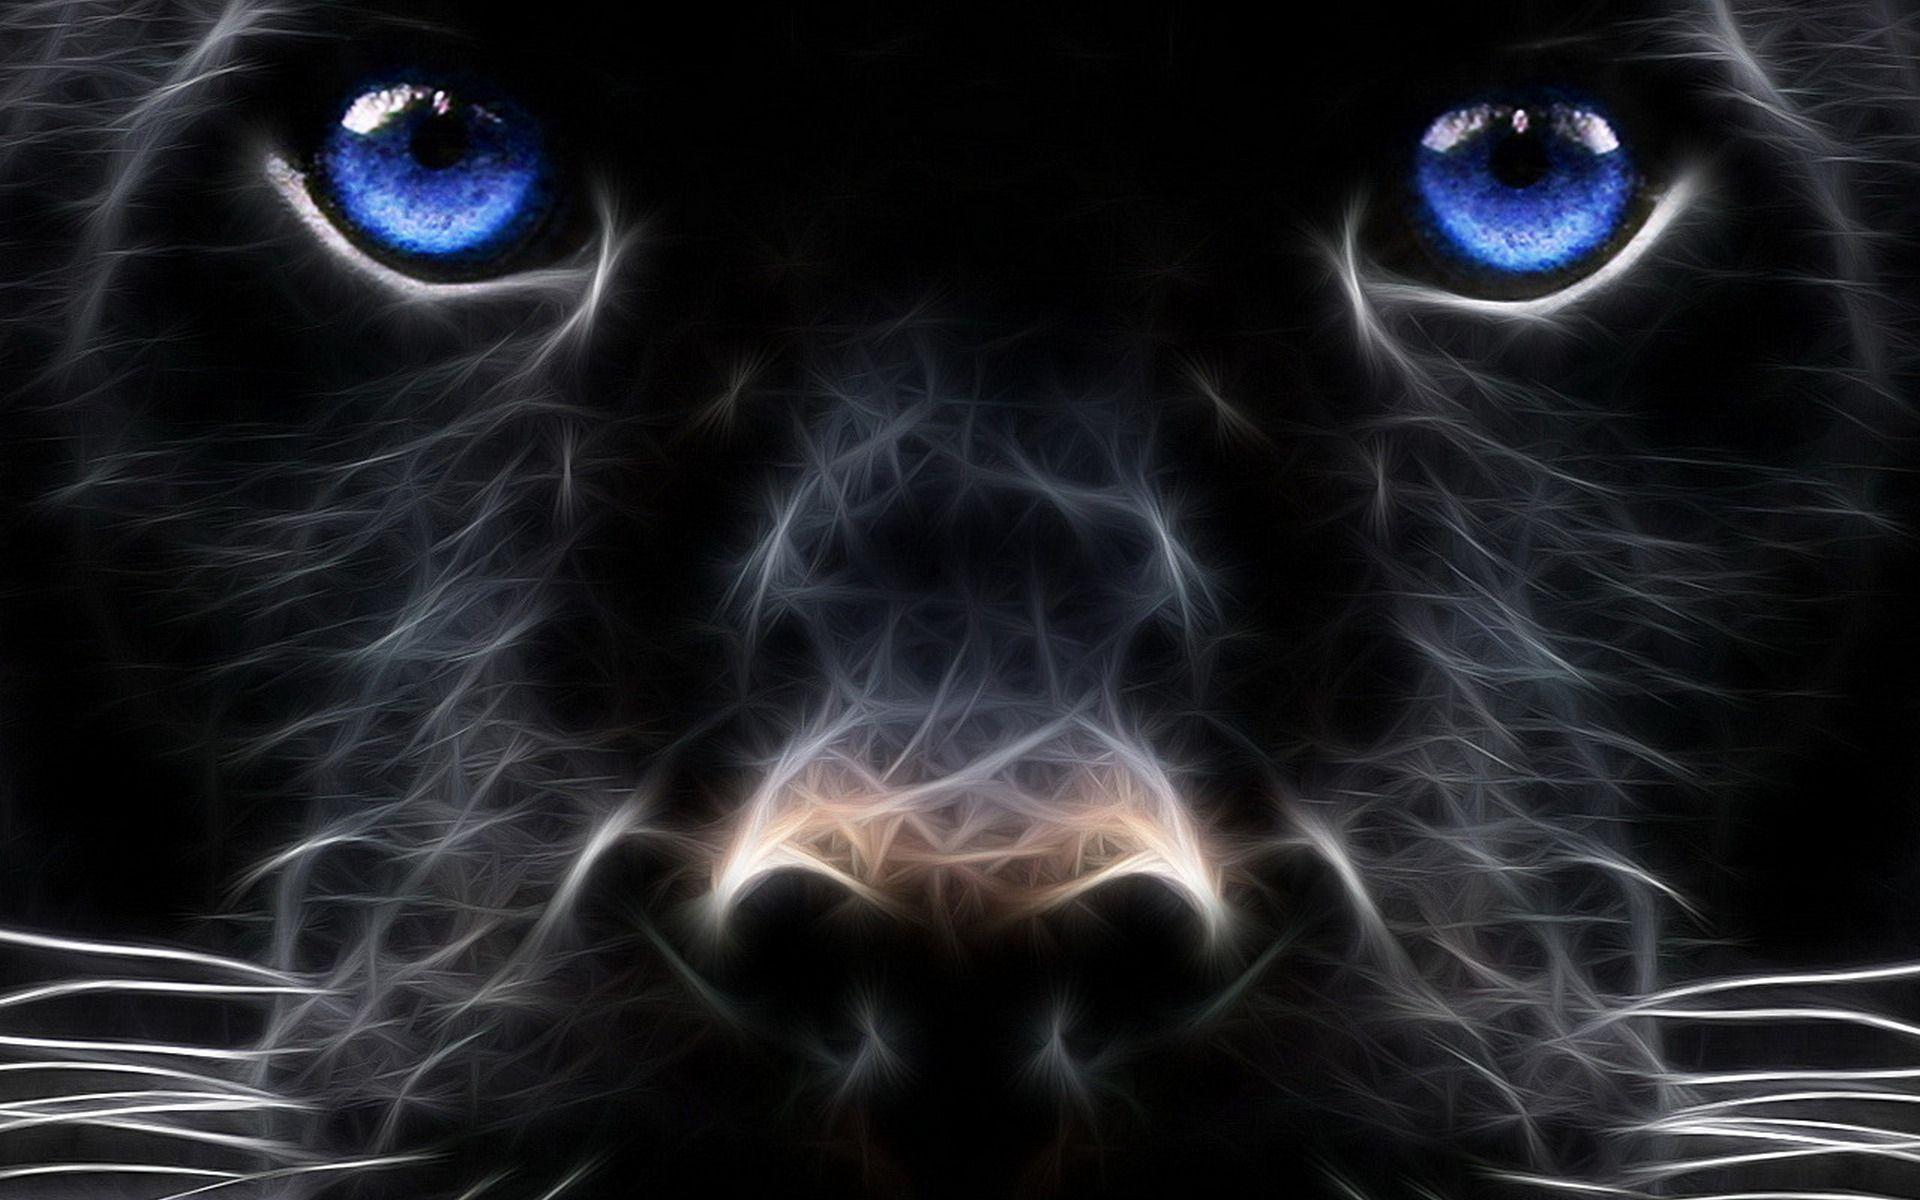 Wallpapers Dieren Google Zoeken Panther Pictures Black